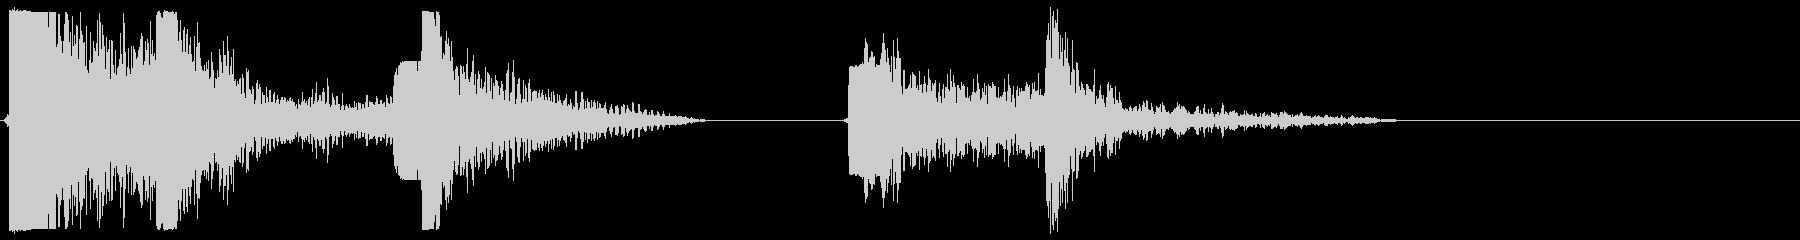 エアロック、巨大、オープンとクローズ1の未再生の波形